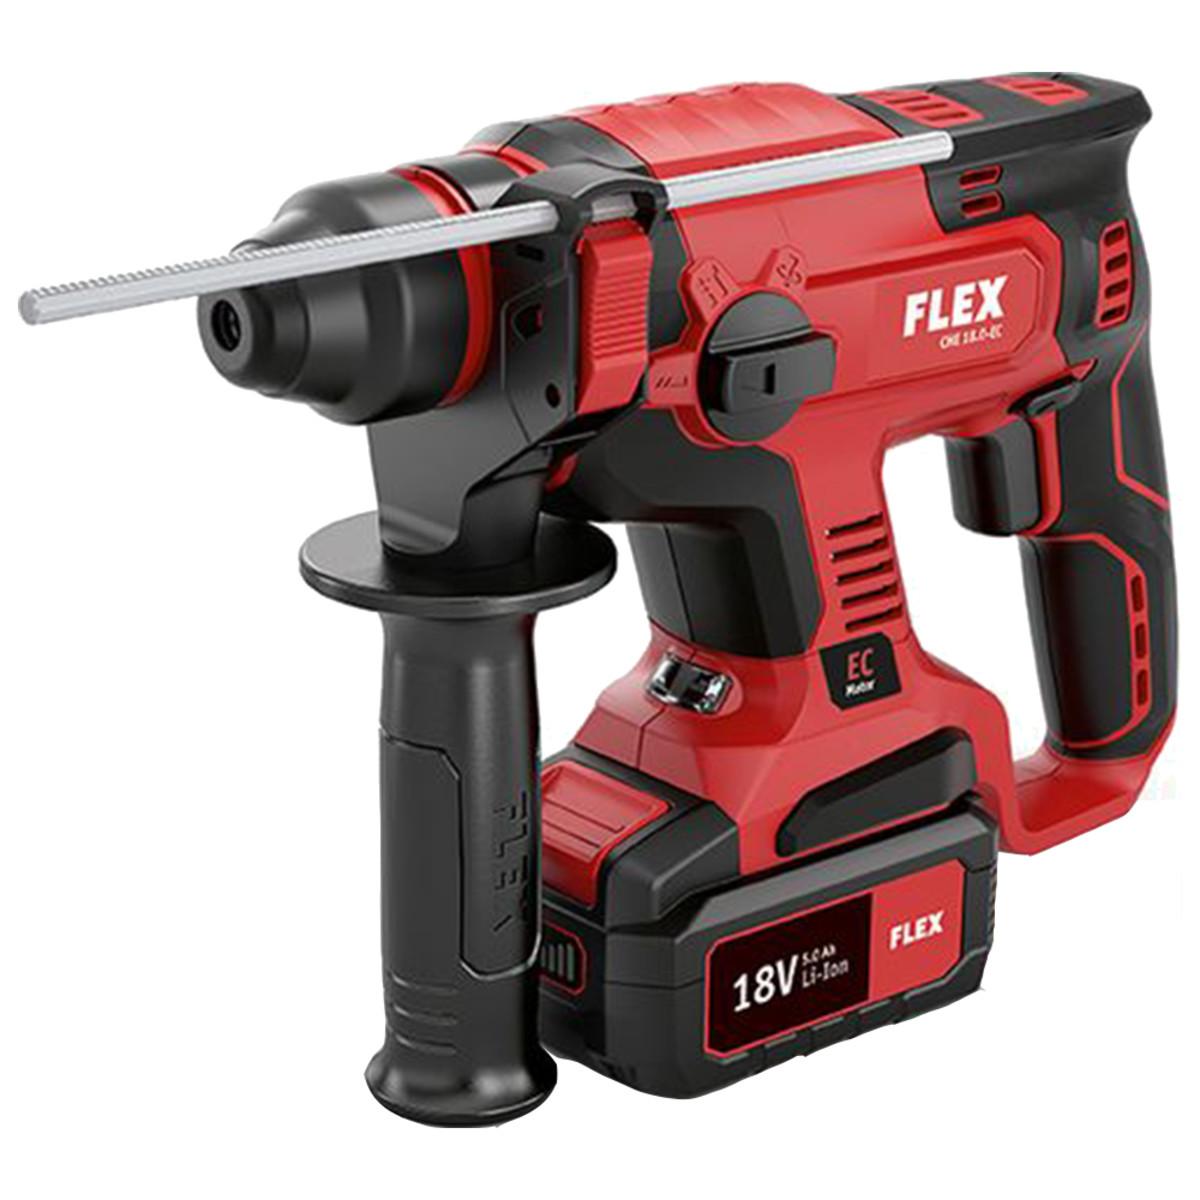 Аккумуляторный перфоратор Flex CHE 18.0-EC/5.0 Set 461768